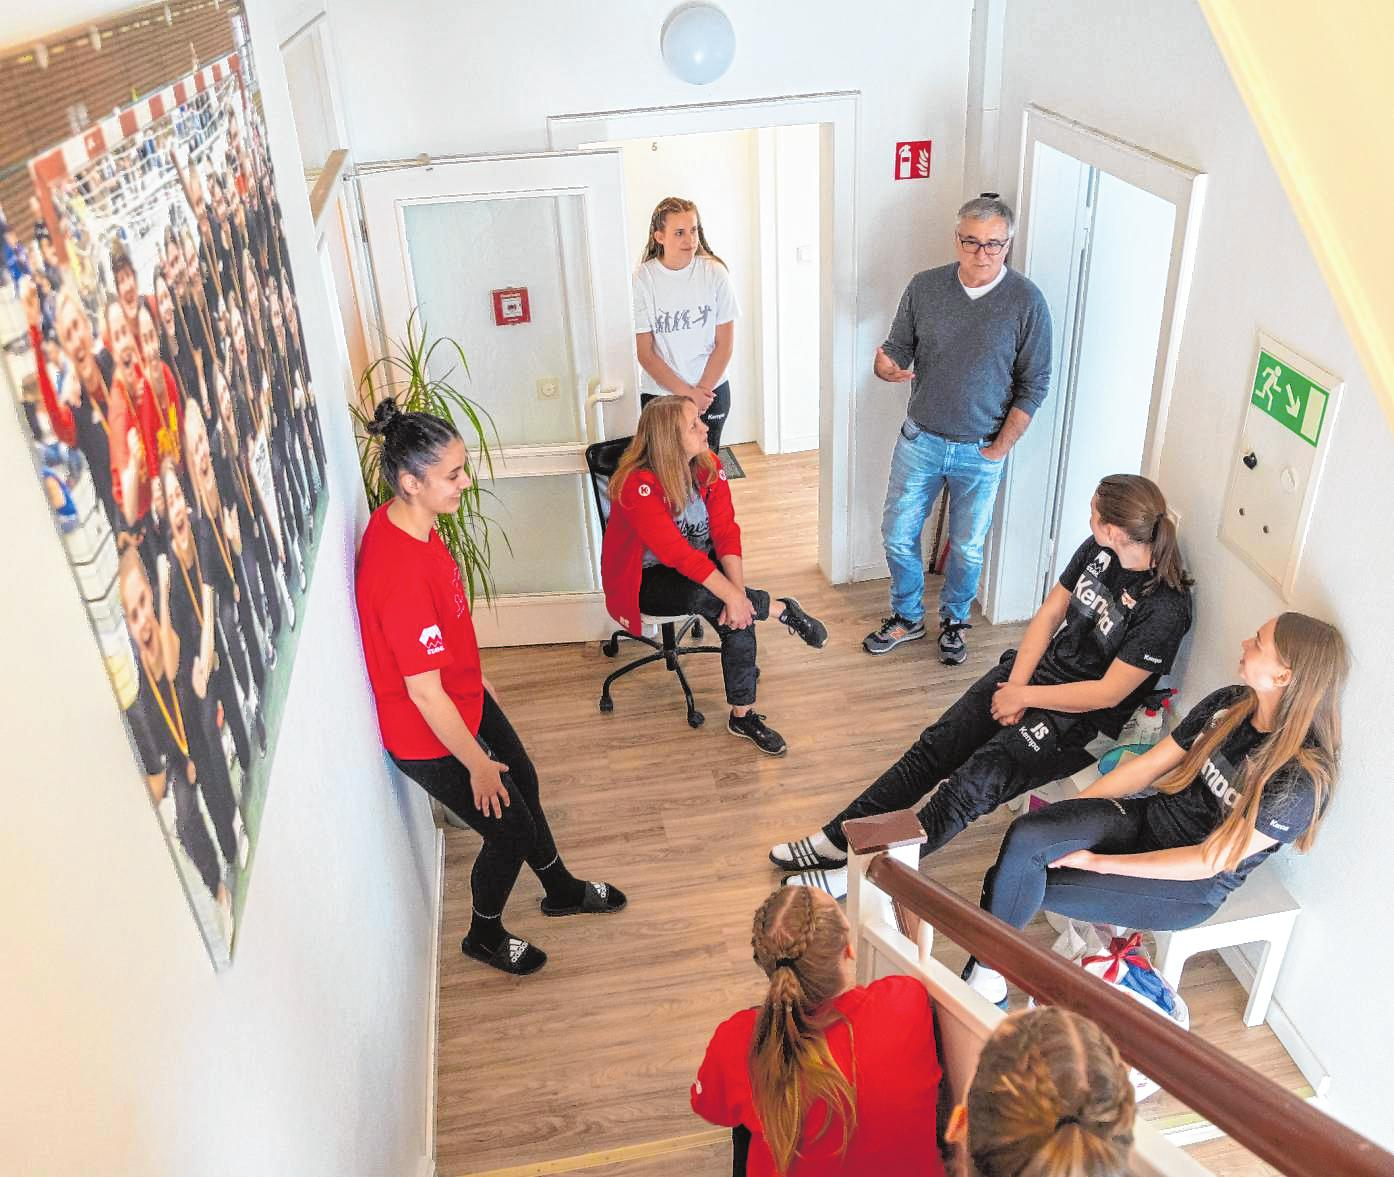 Gesprächsrunde in der Handball-WG mit Bea Schwarzwald und Volker Massoth. Bild: Thomas Neu